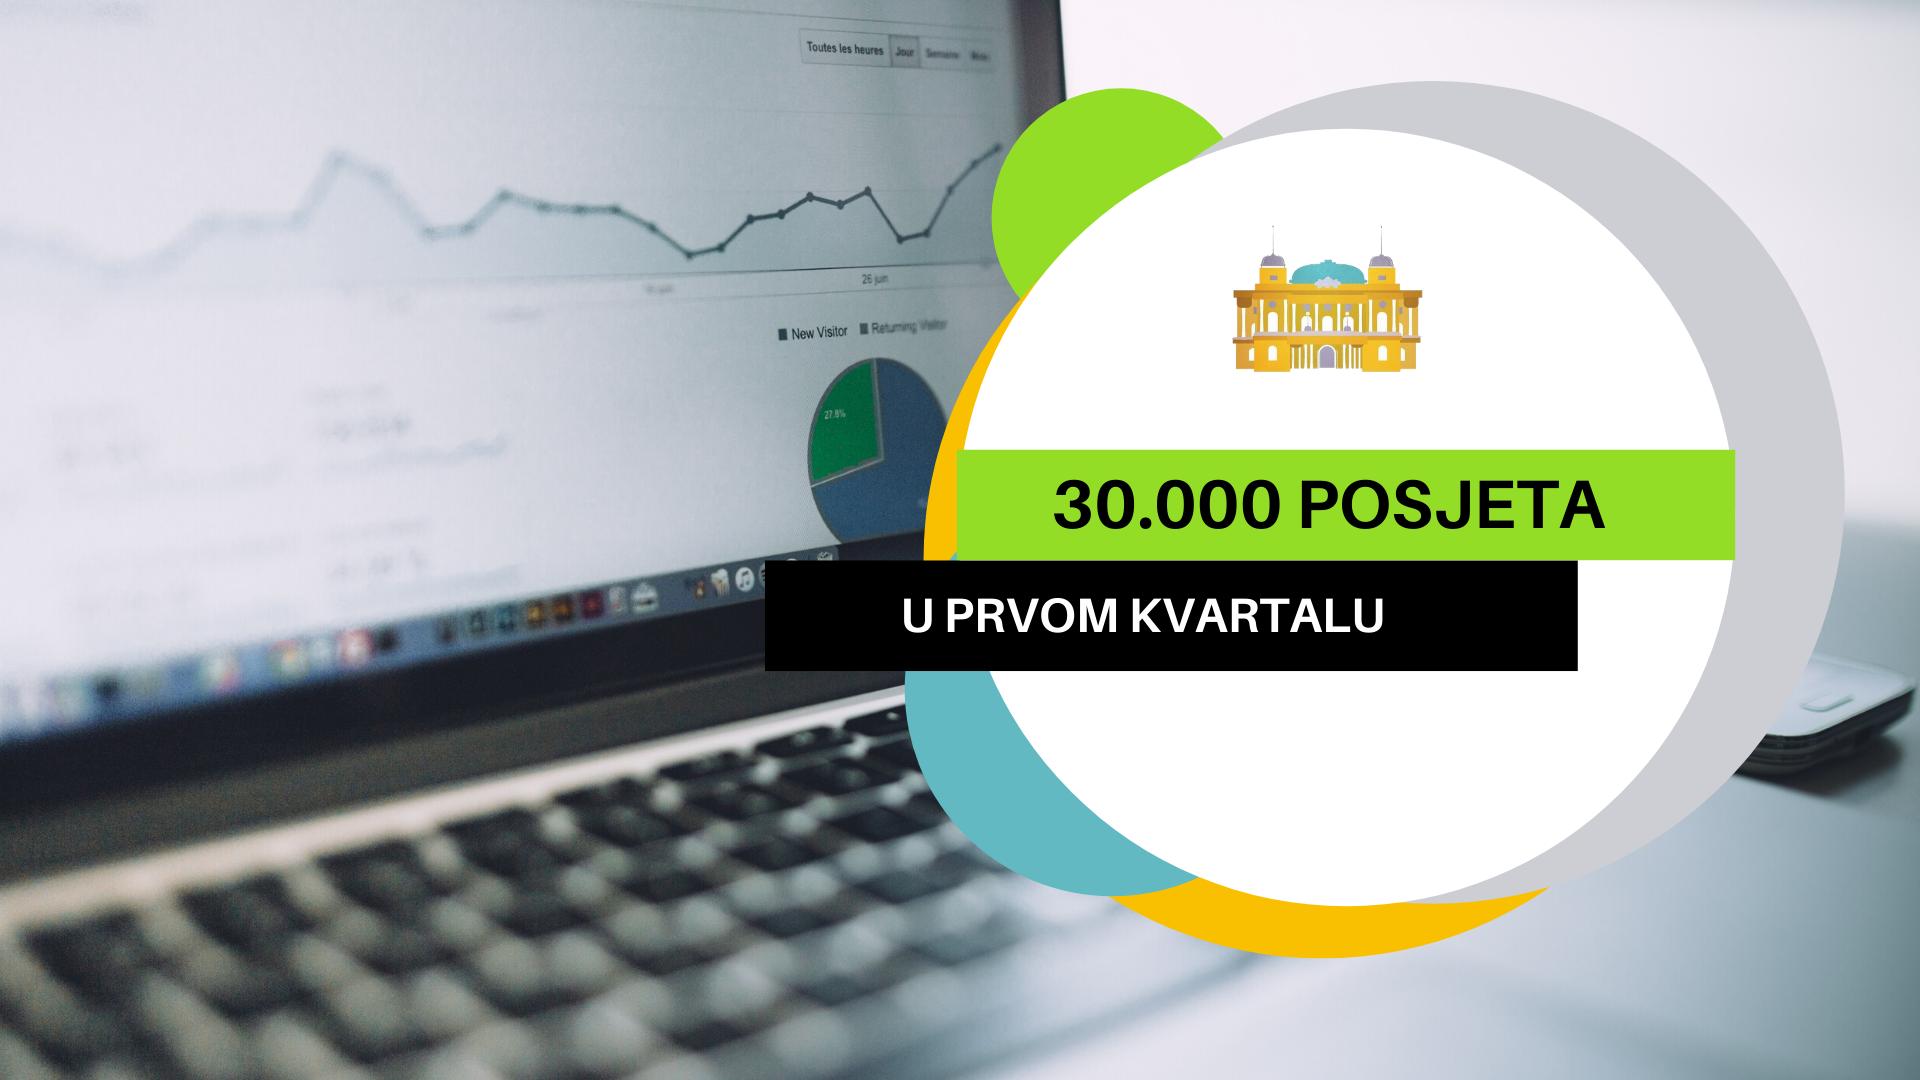 Novi zagrebački portal u prvom kvartalu zabilježio 30.000 posjeta